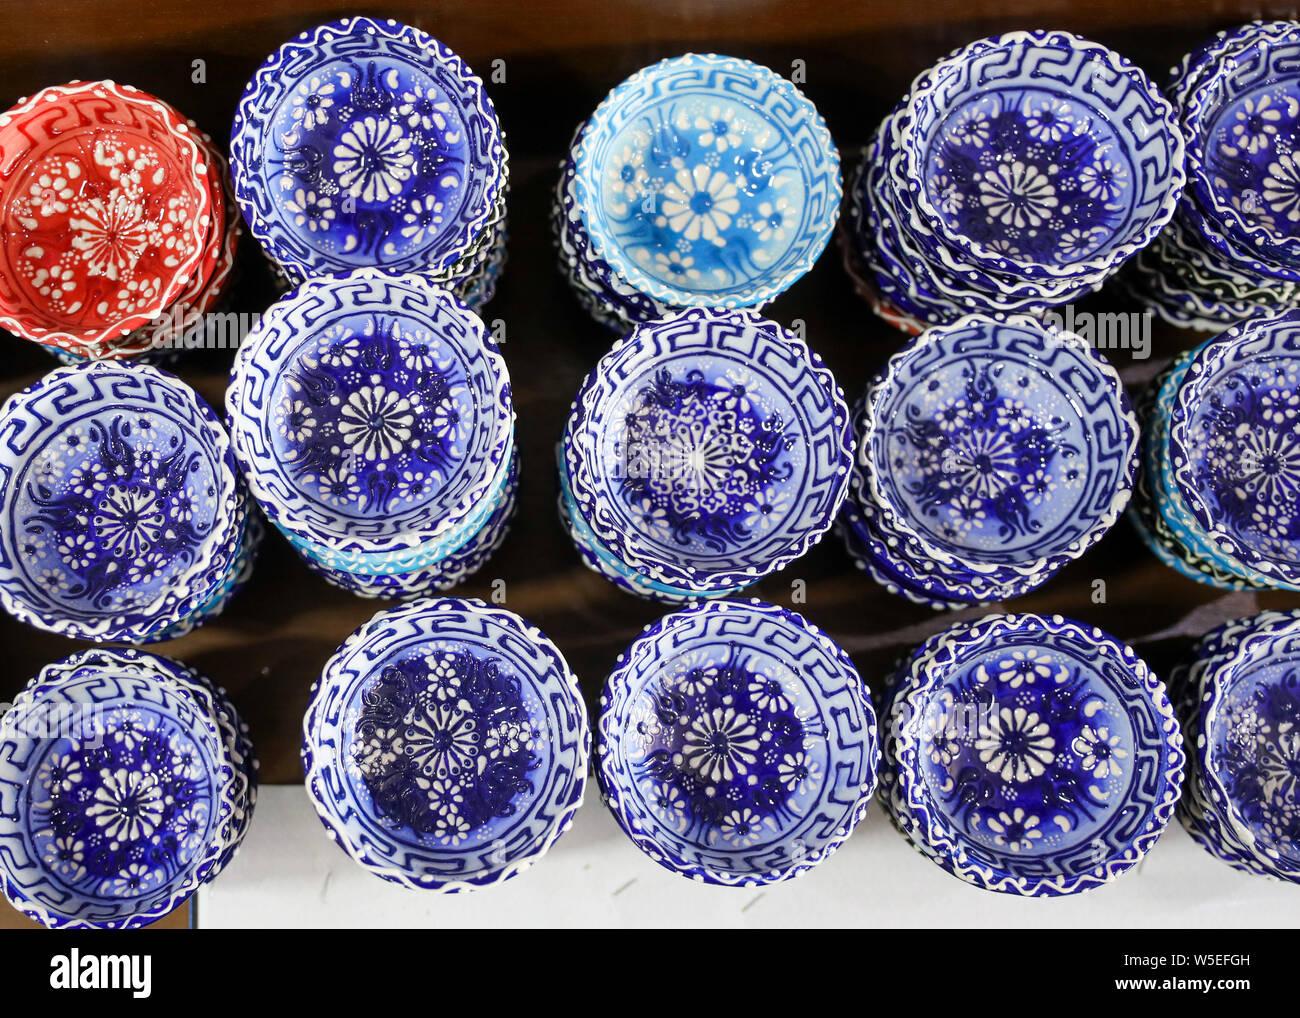 Schalen gesäumt, zum Verkauf auf dem Markt. Stockfoto